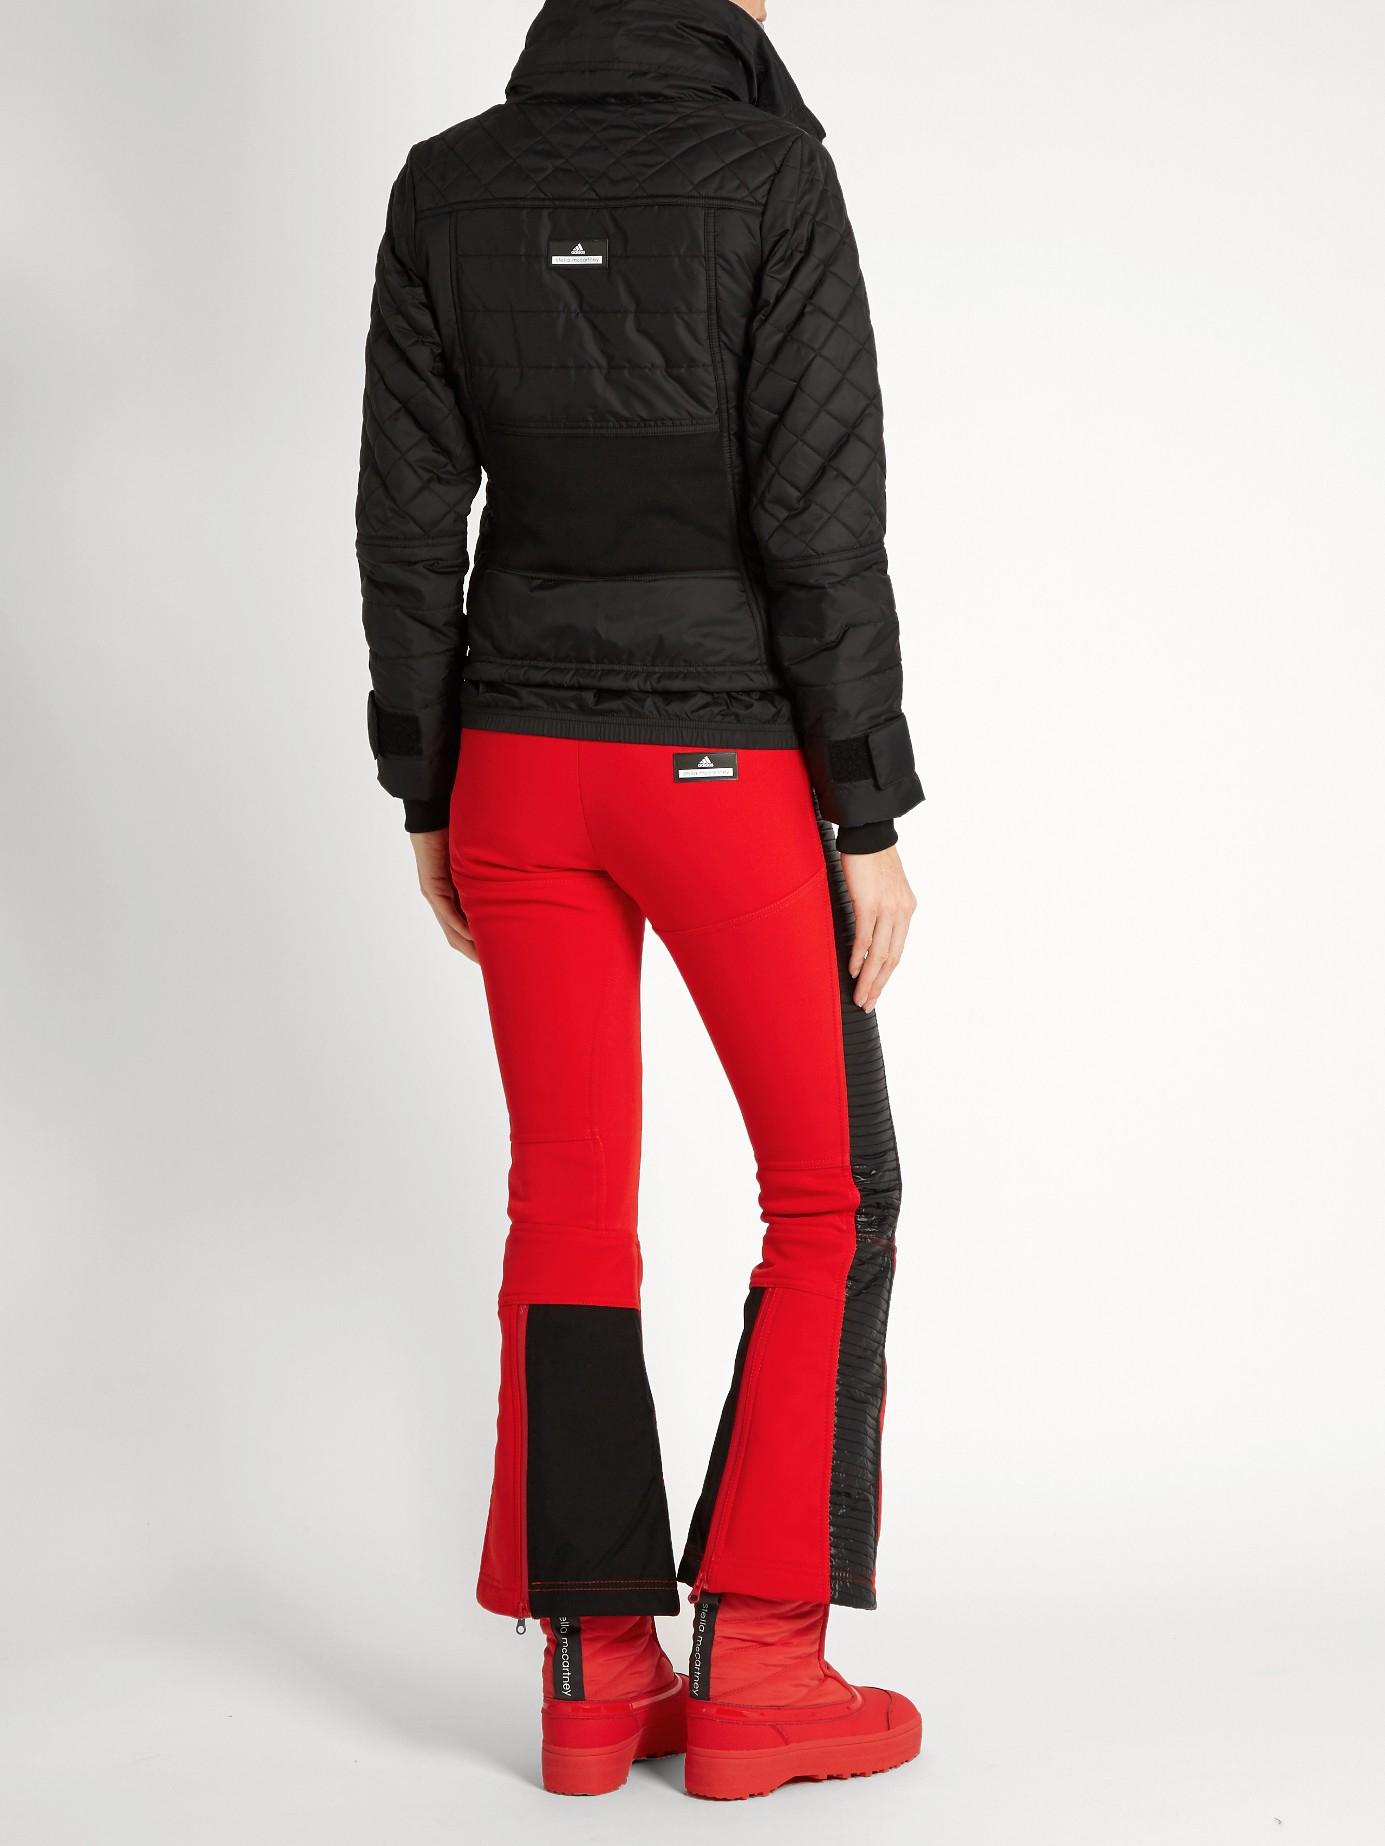 06d52b67f4f7 adidas By Stella McCartney Flared-leg Ski Trousers in Black - Lyst